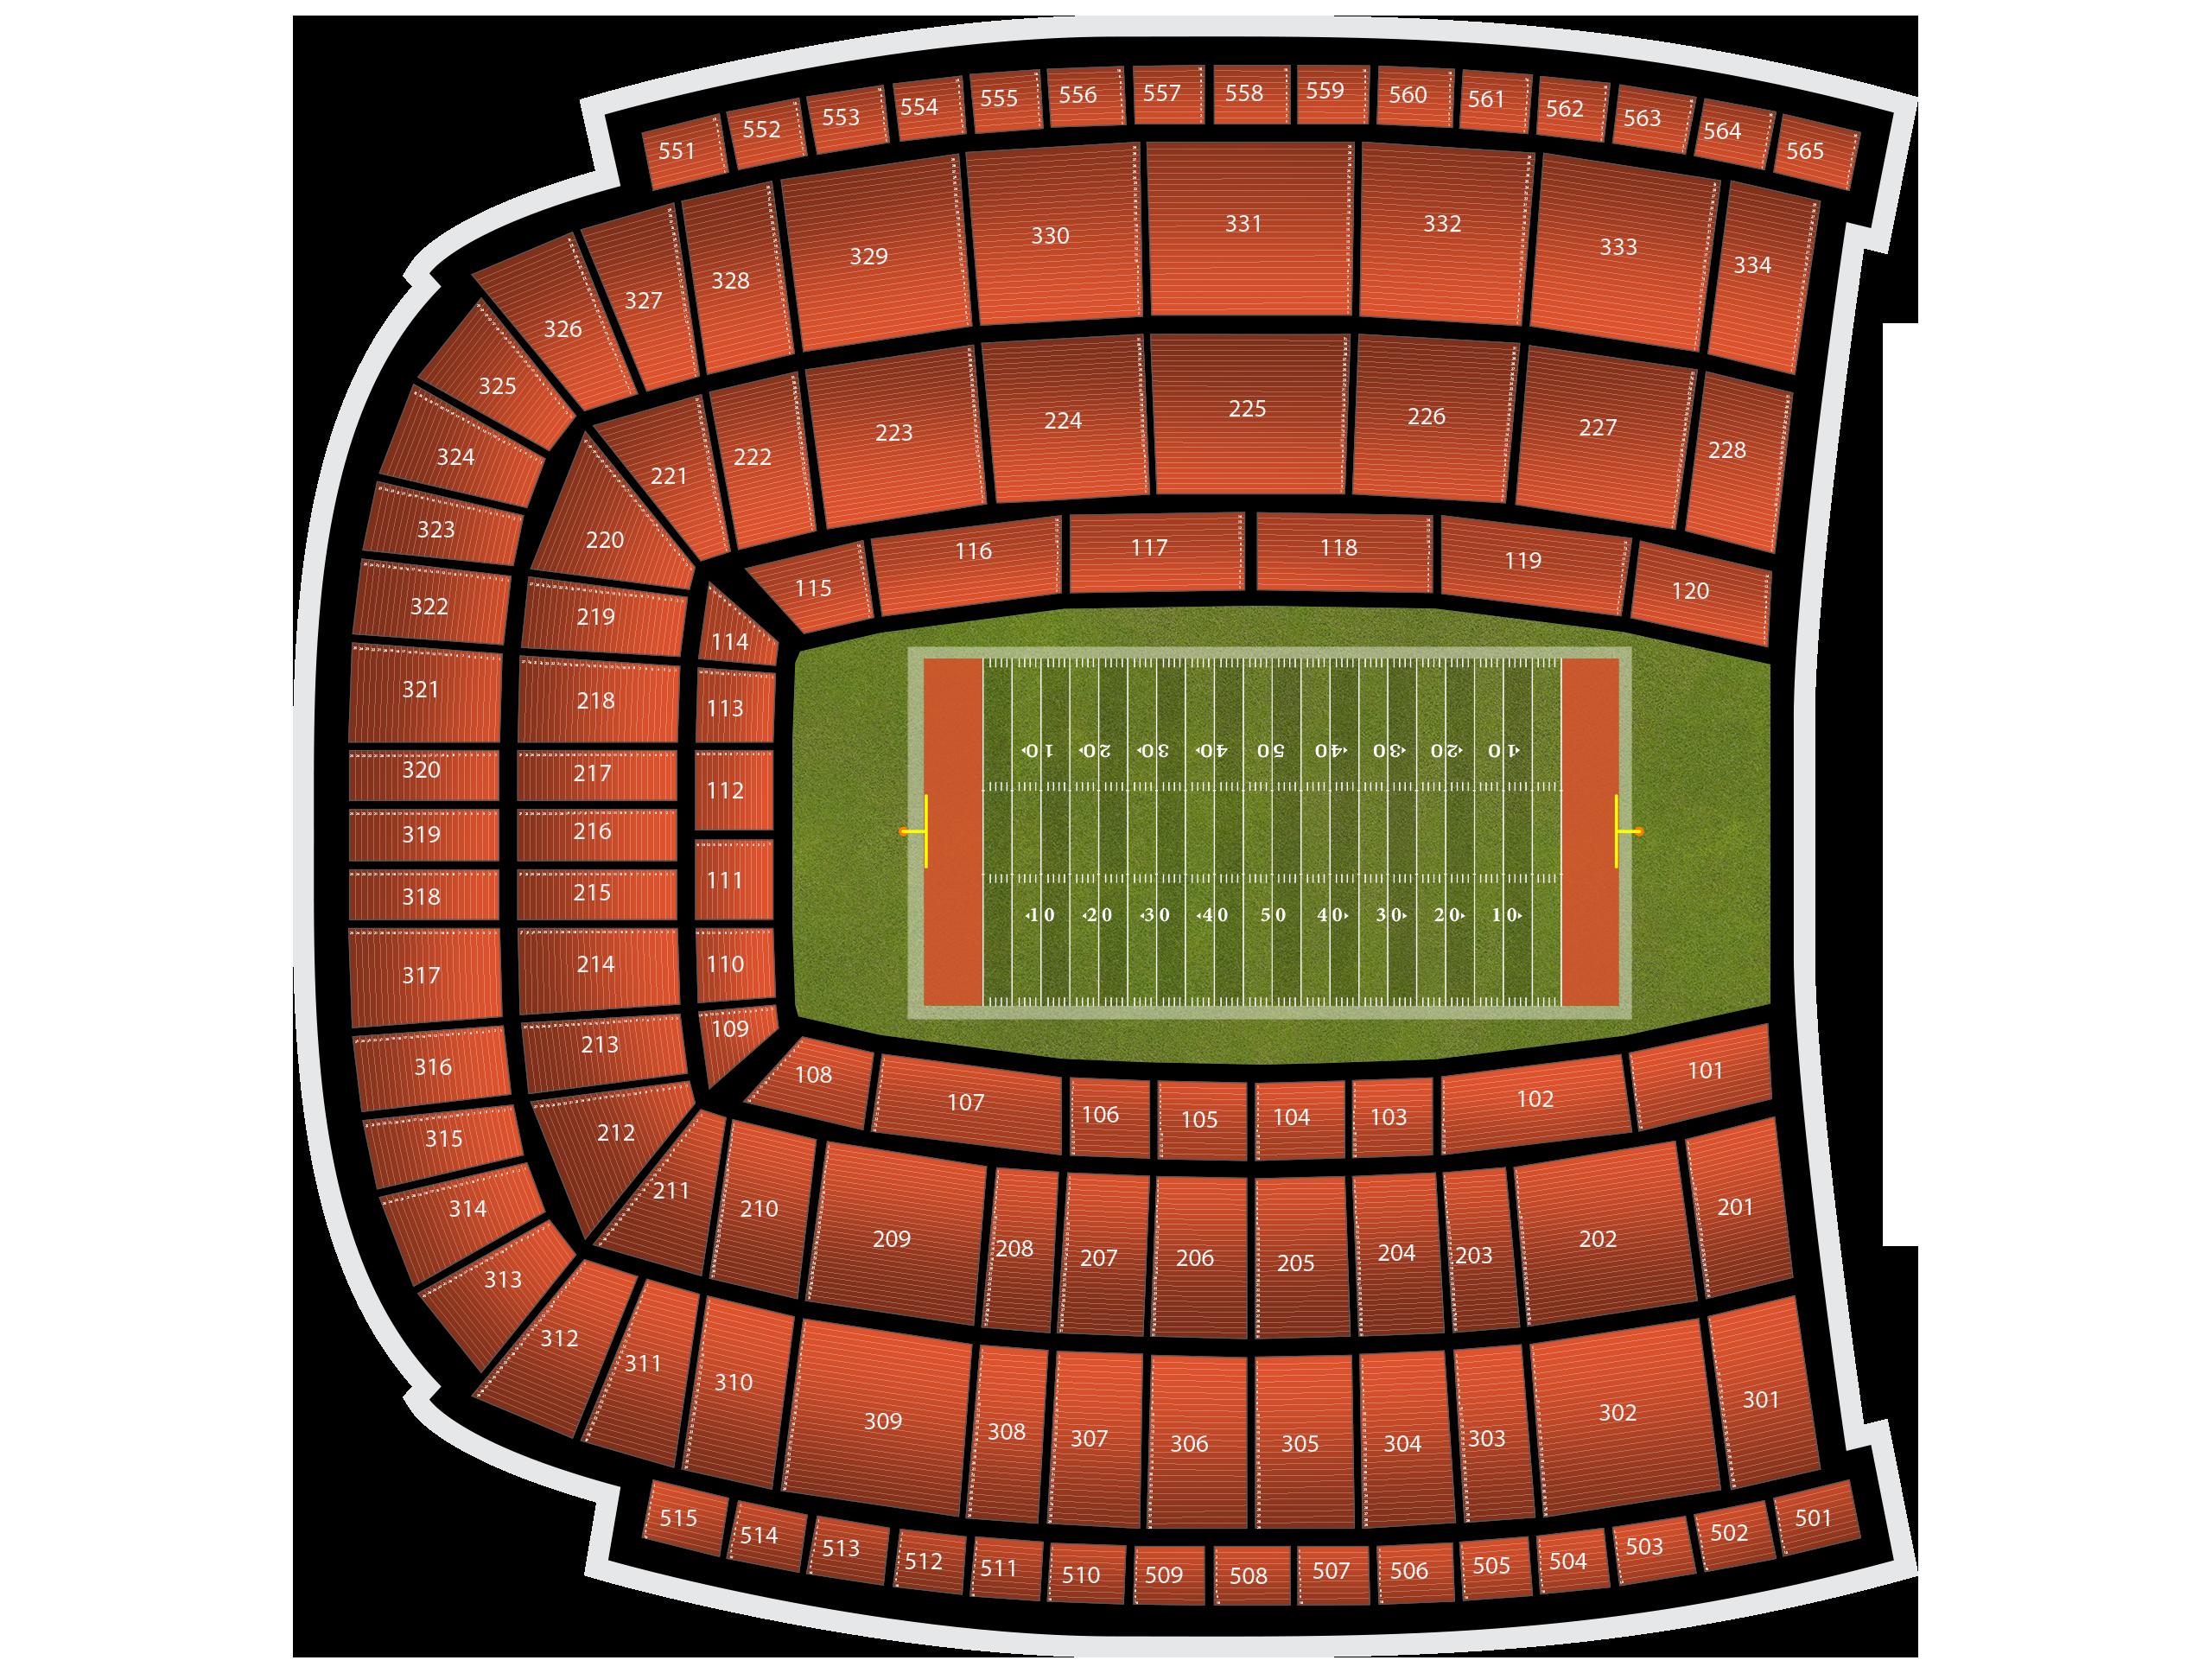 Boone Pickens Stadium Tickets